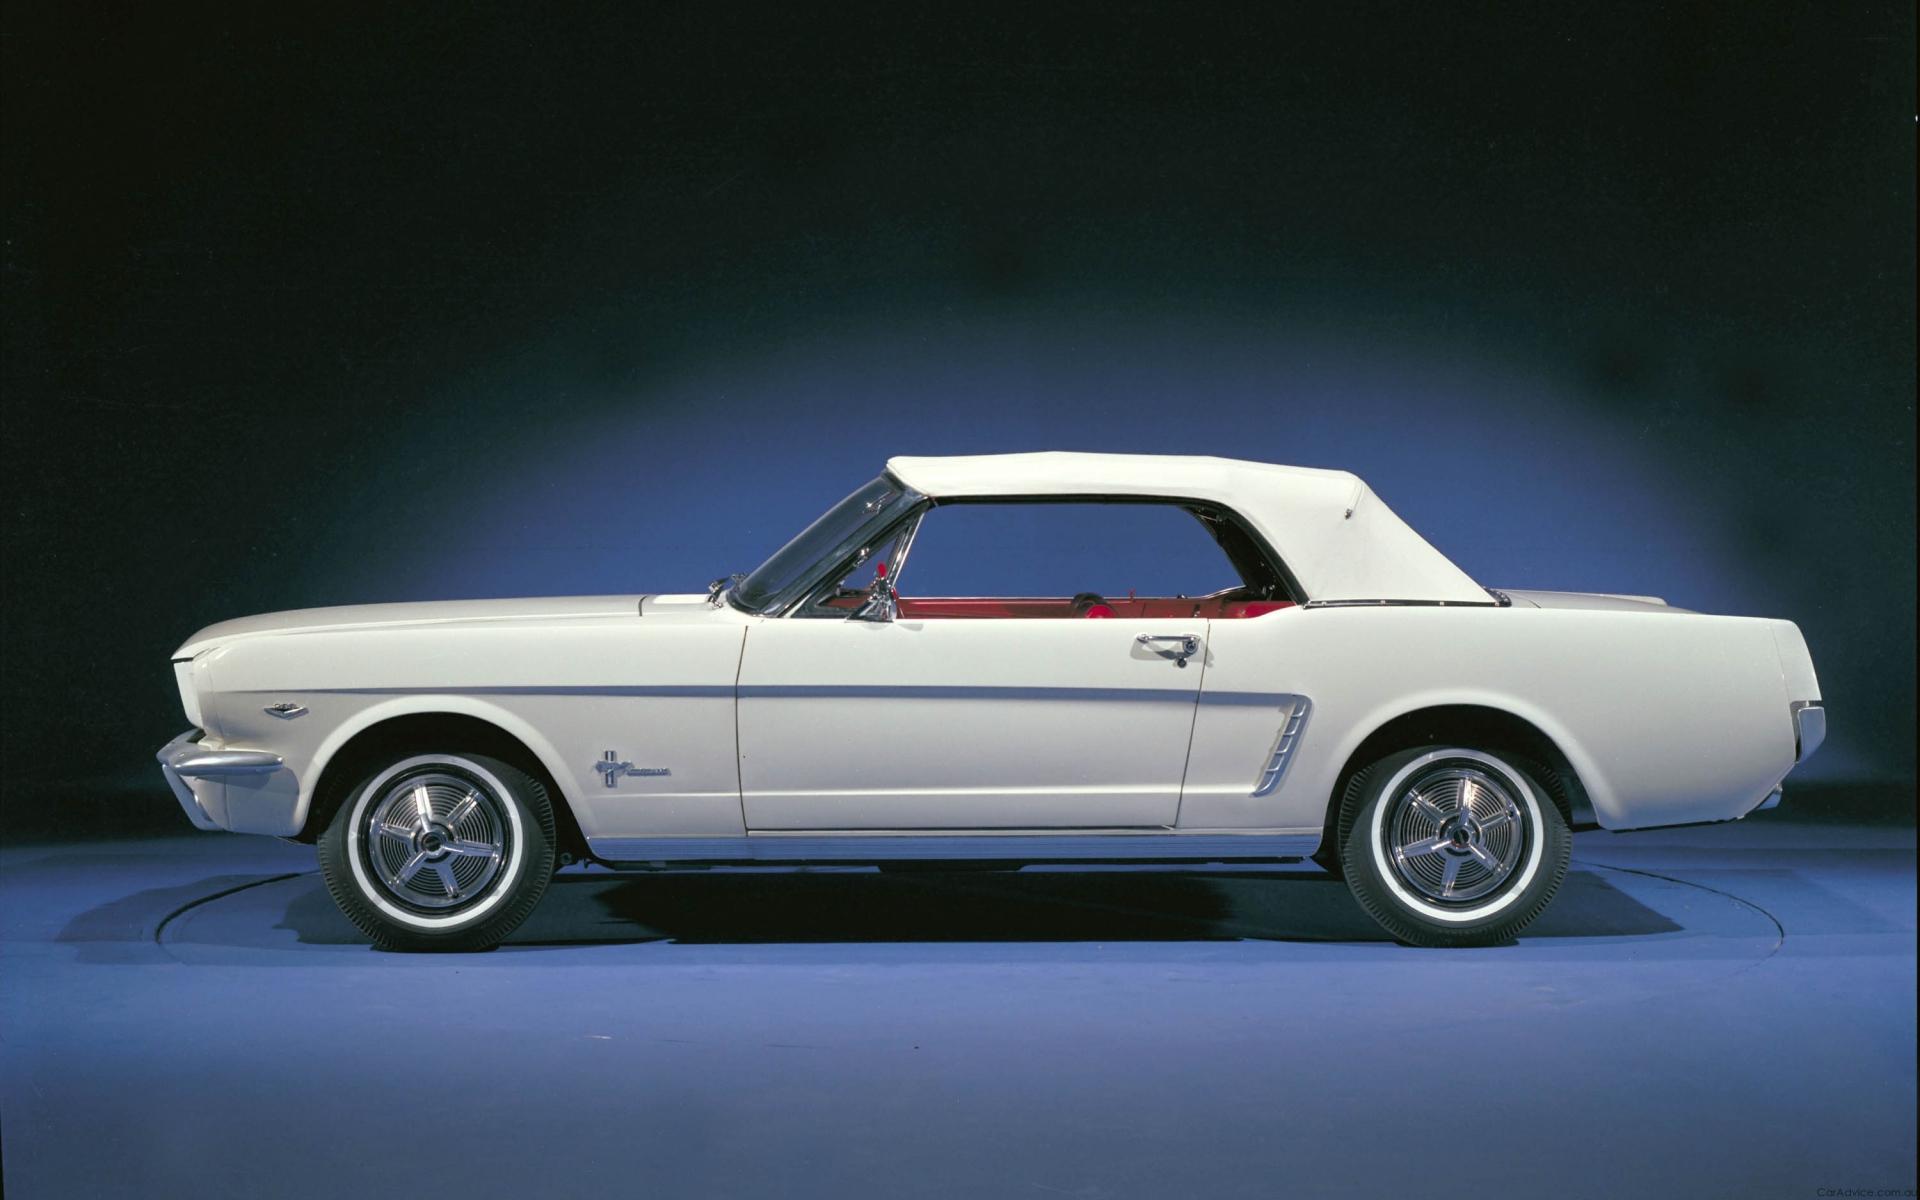 Картинки Форд-мустанг, стиль, автомобили фото и обои на рабочий стол